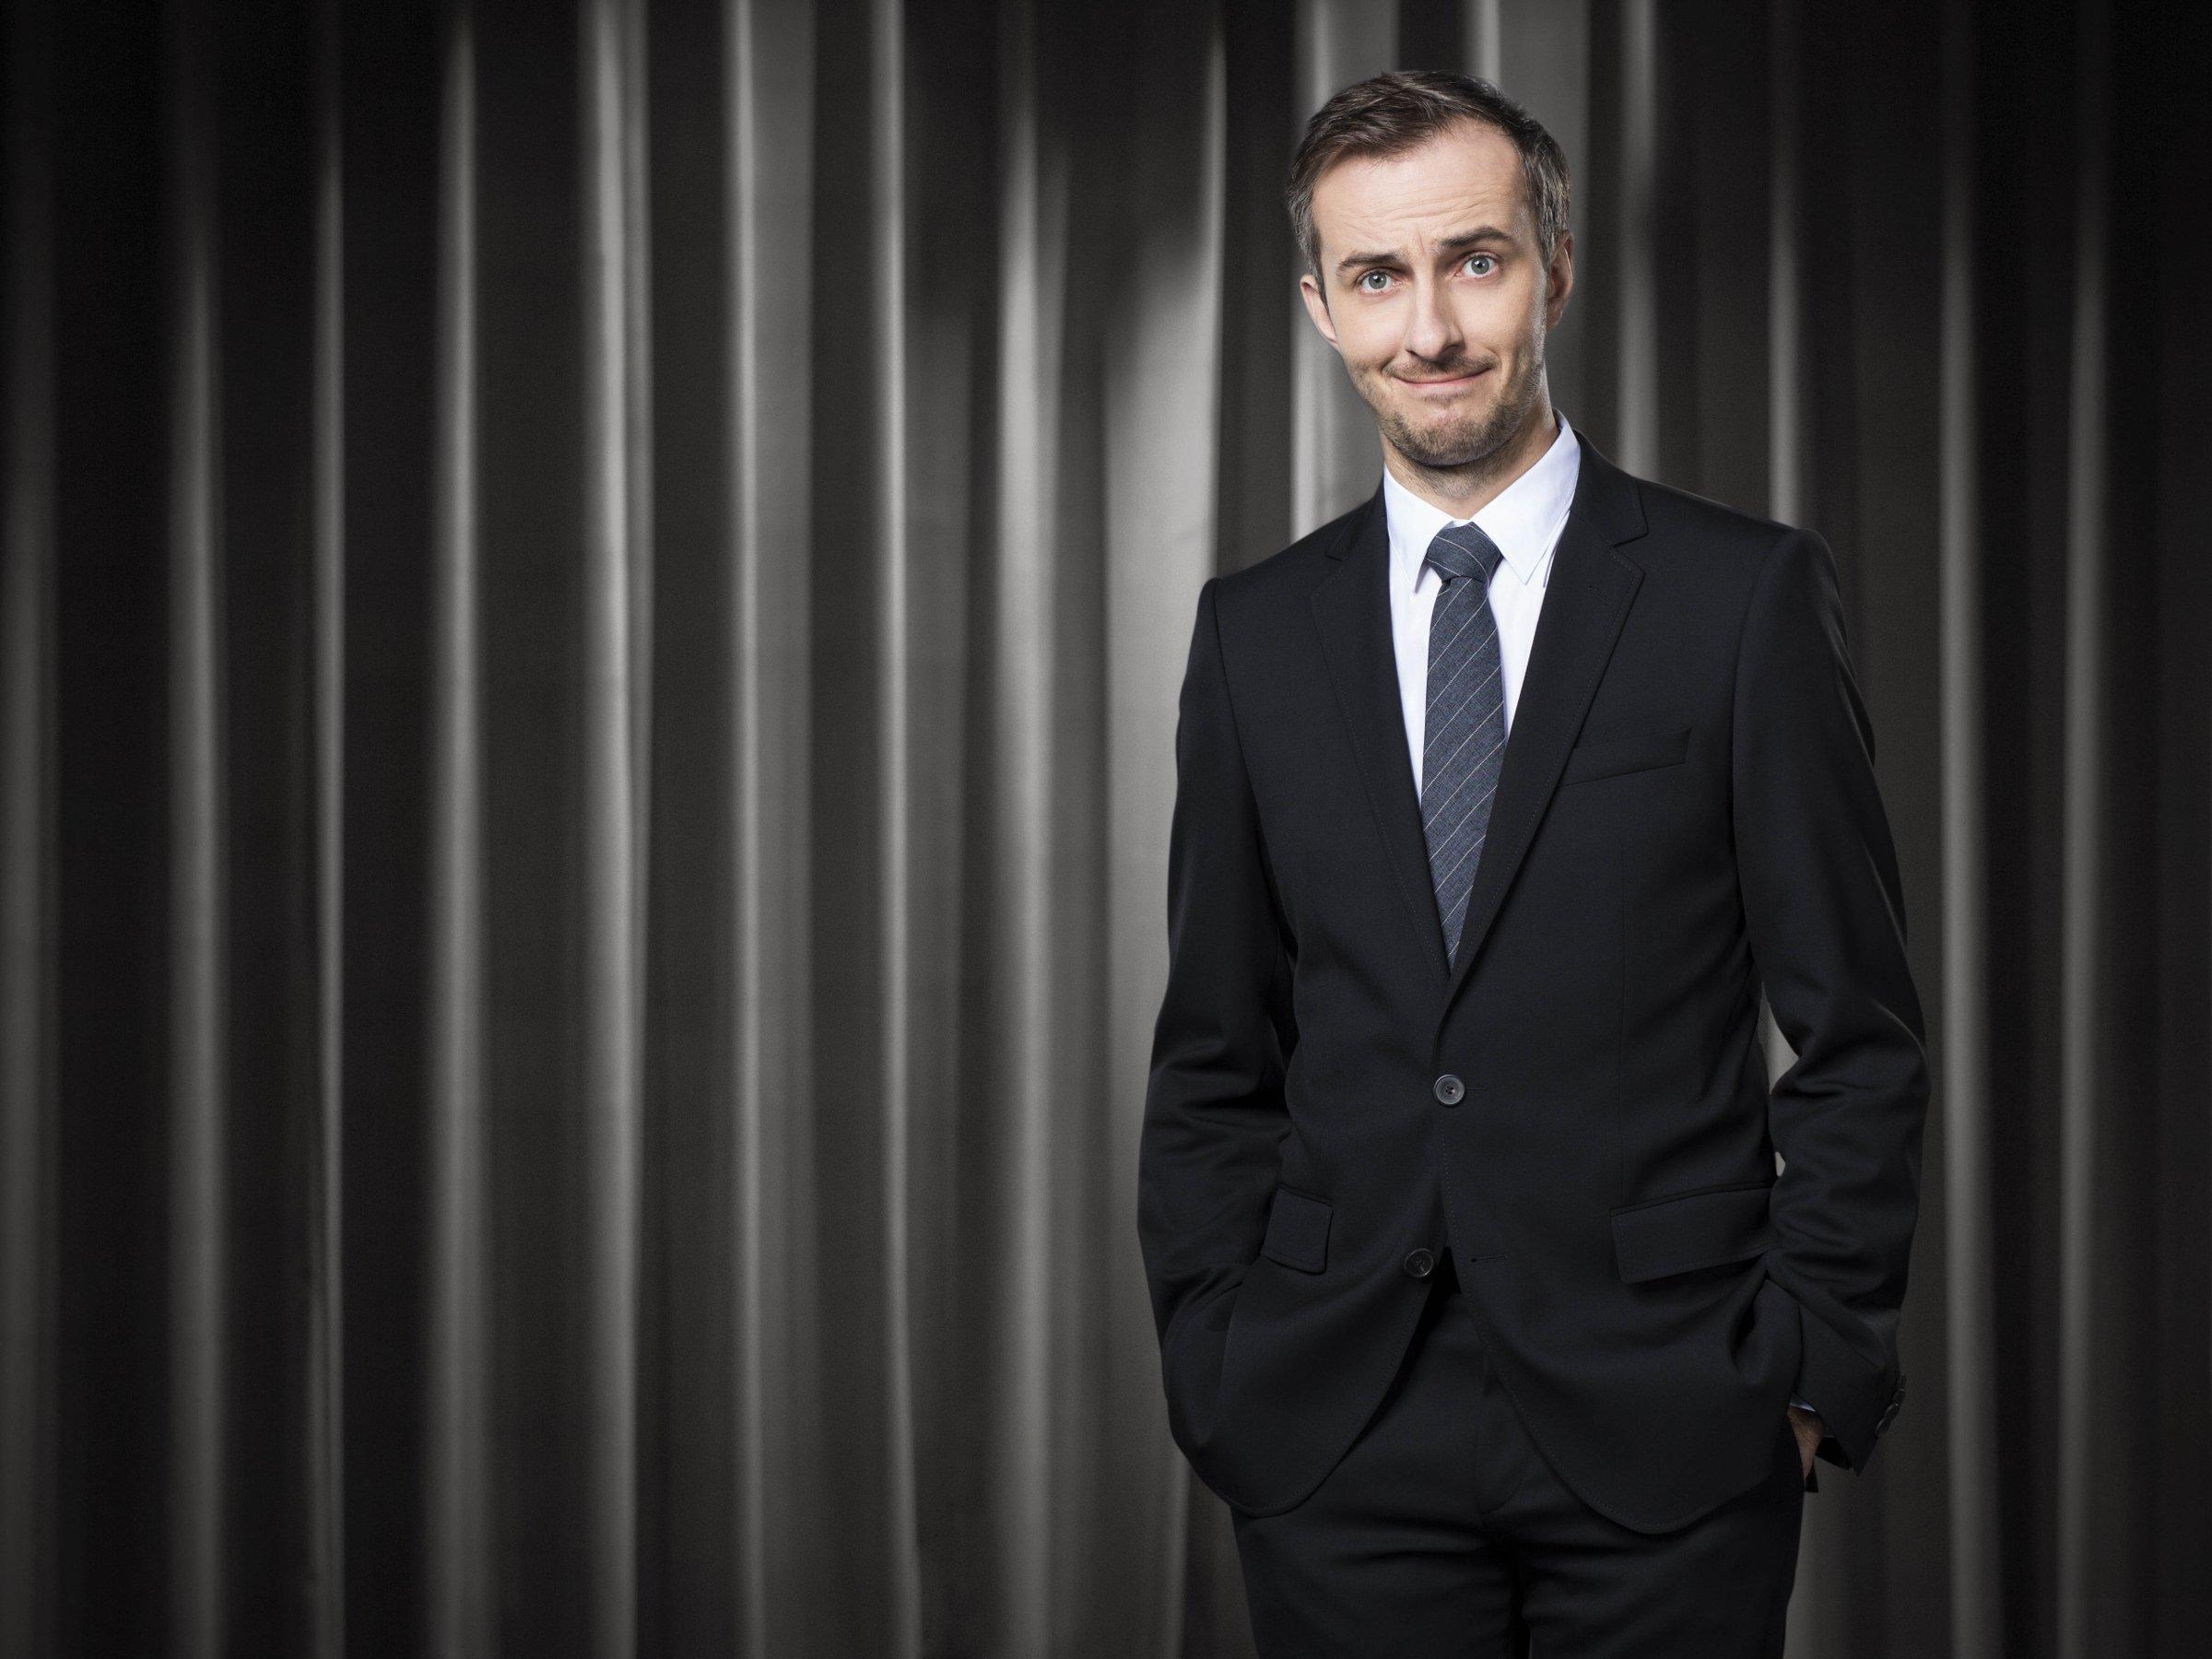 Topf Voll Gold Böhmermann Veräppelt Kerner Würstchen In Der